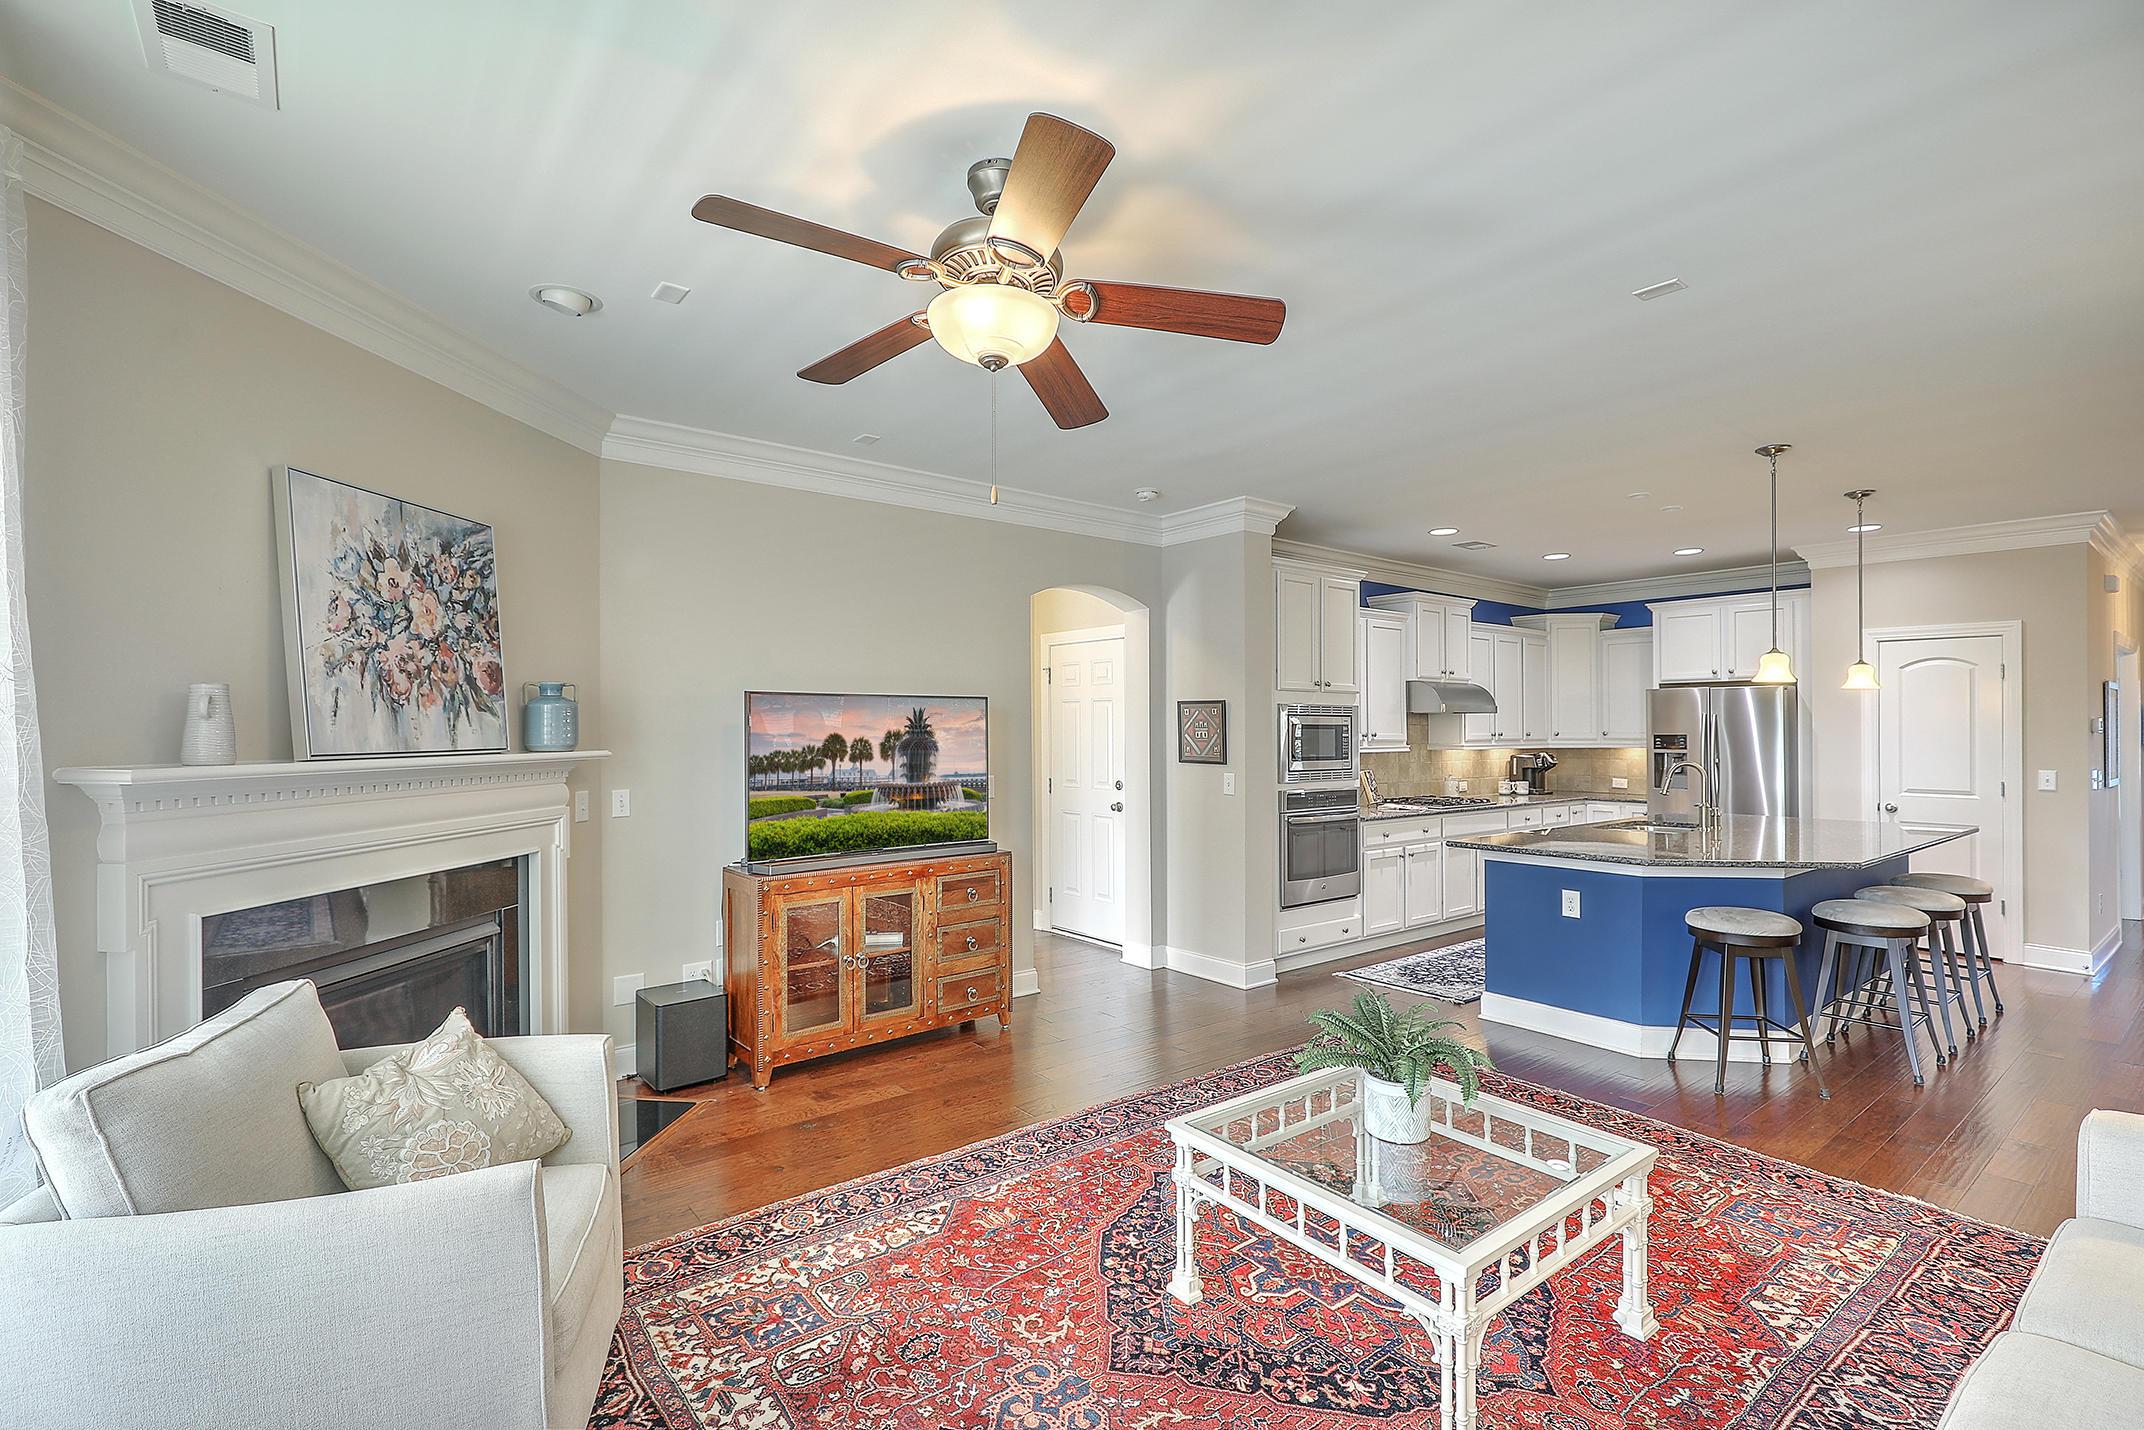 Carnes Crossroads Homes For Sale - 627 Van Buren, Summerville, SC - 24